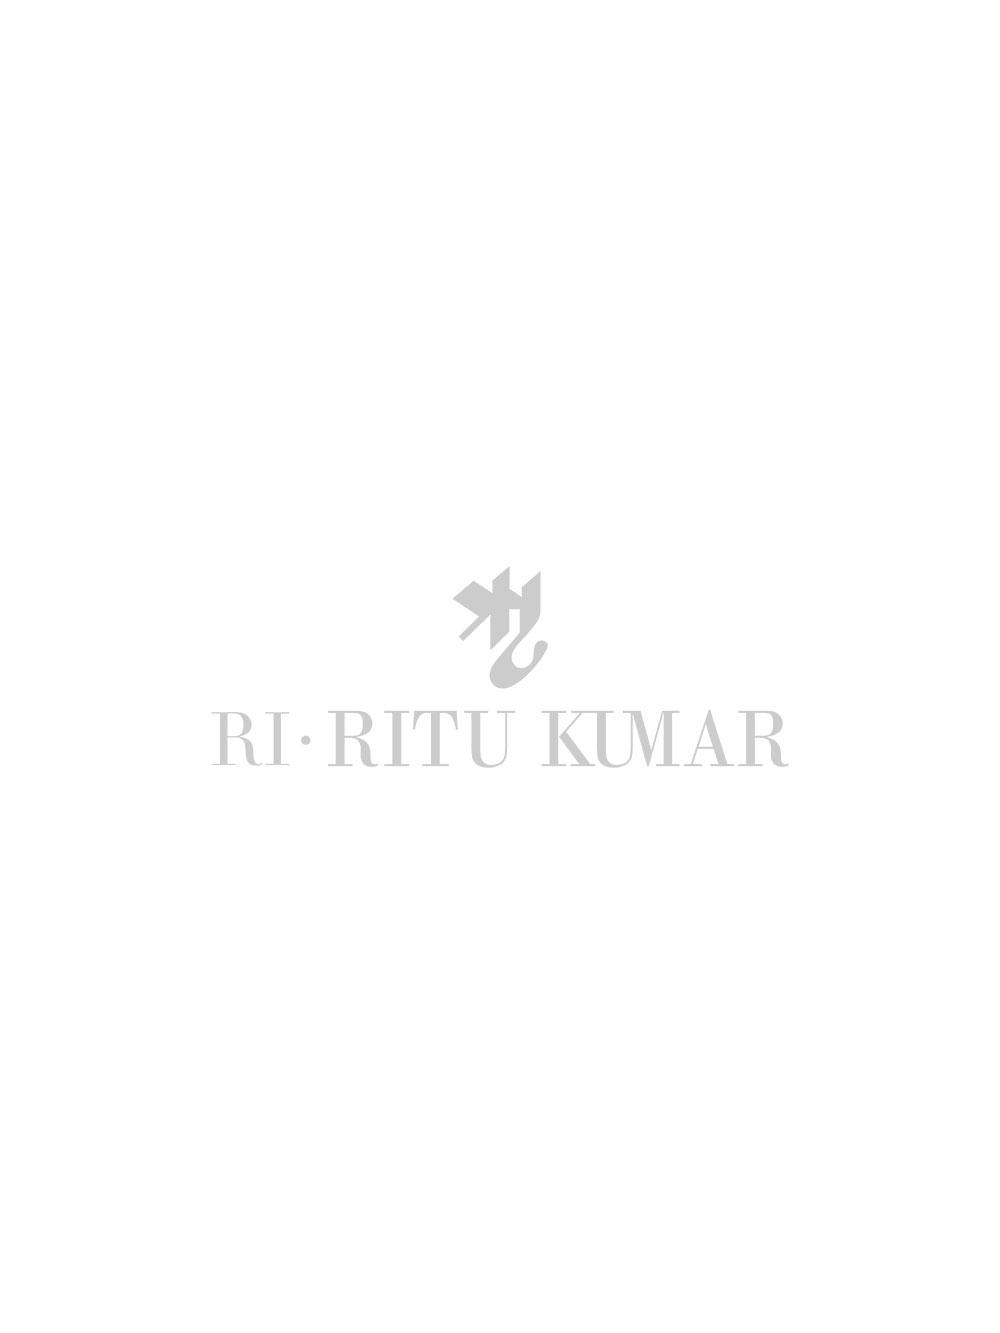 Ritu Kumar Lehenga Collection Salwar Suit Design